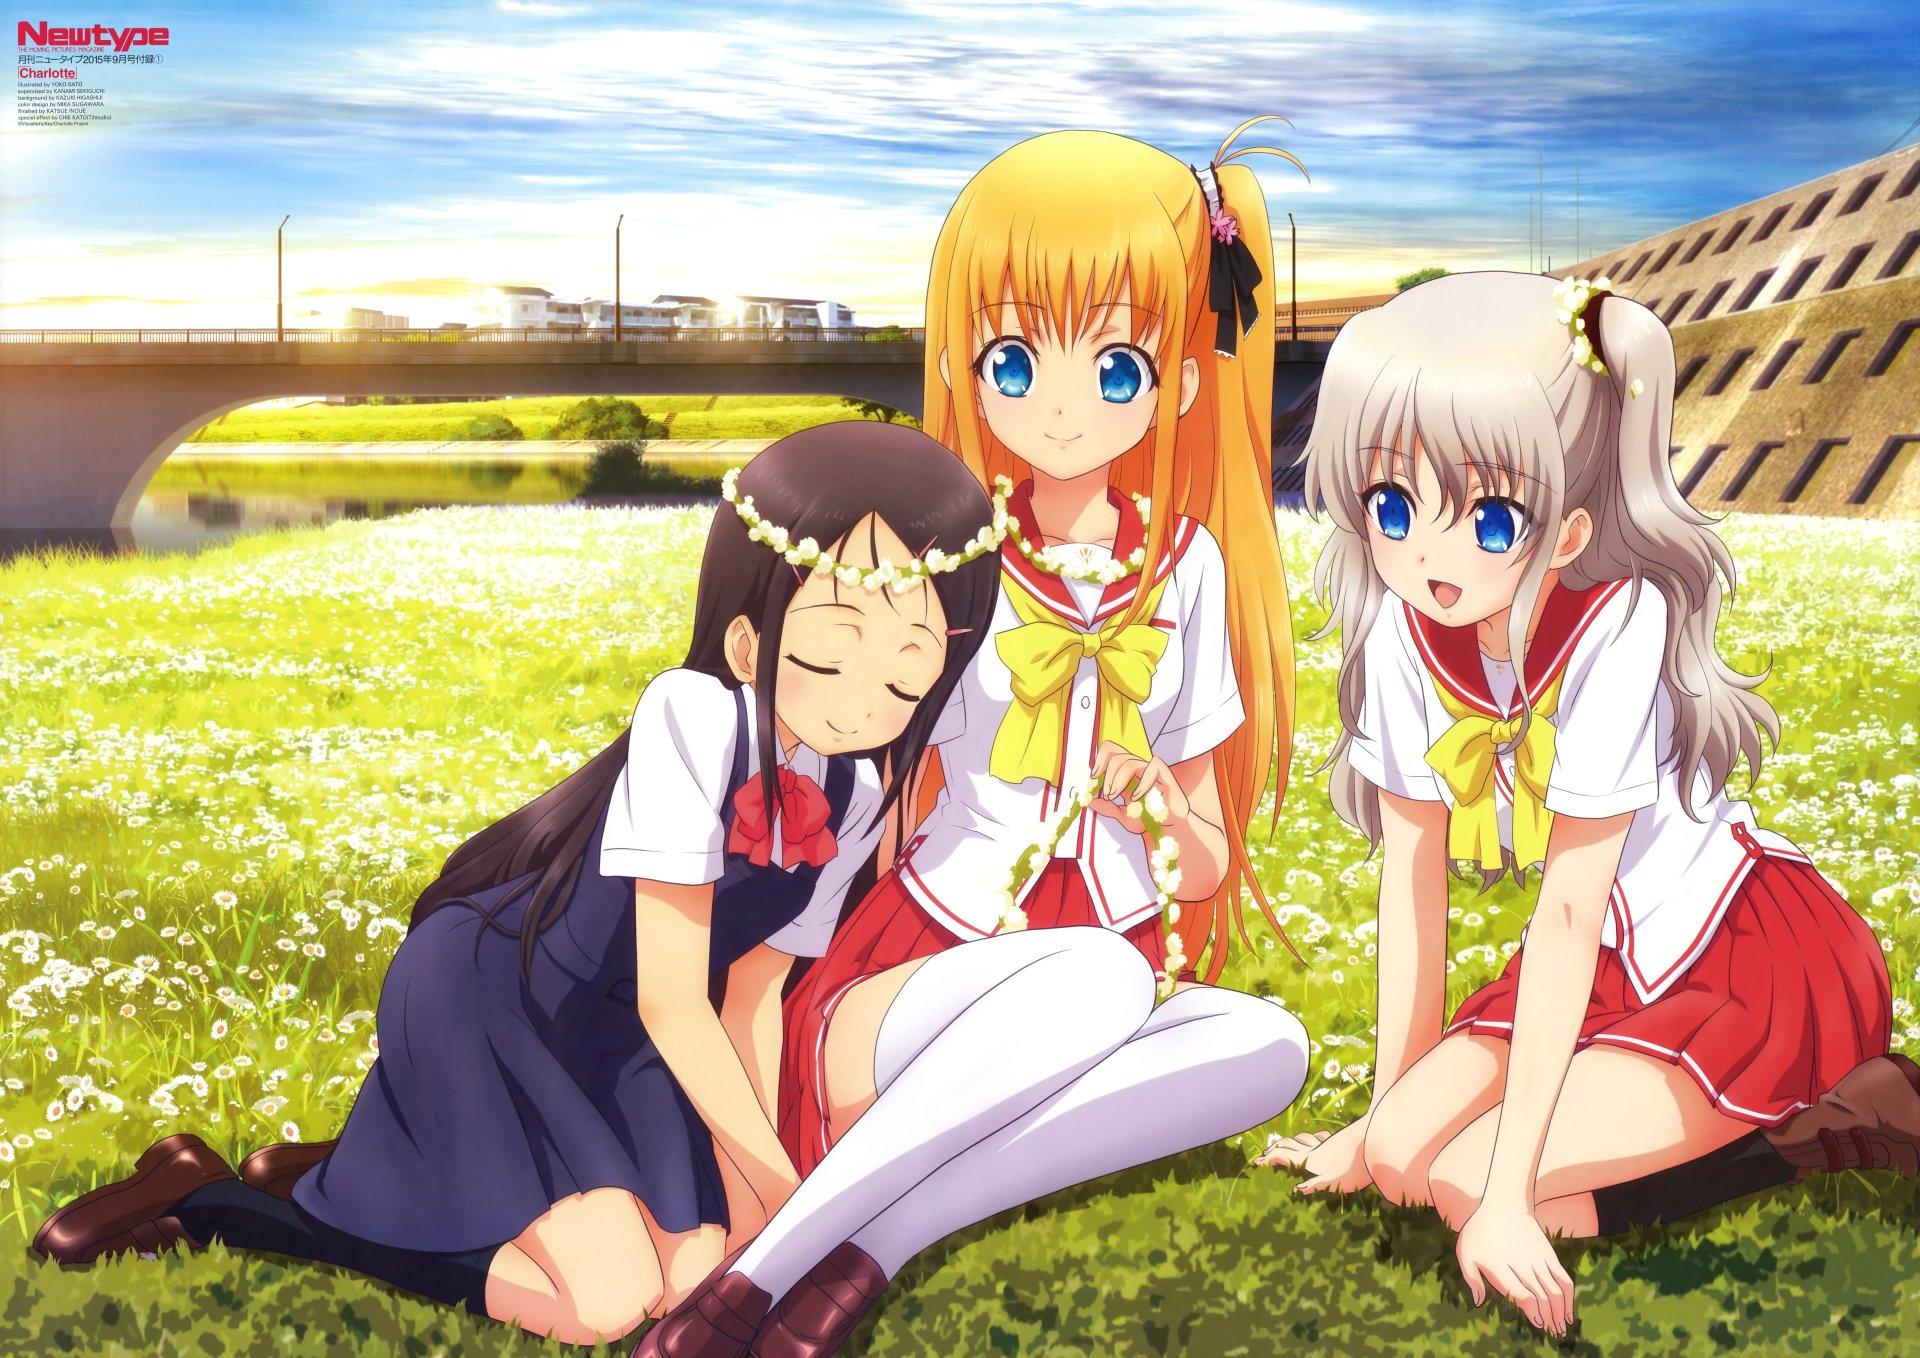 Anime - Charlotte  Ayumi Otosaka Yusa Nishimori Nao Tomori Charlotte (Anime) Wallpaper